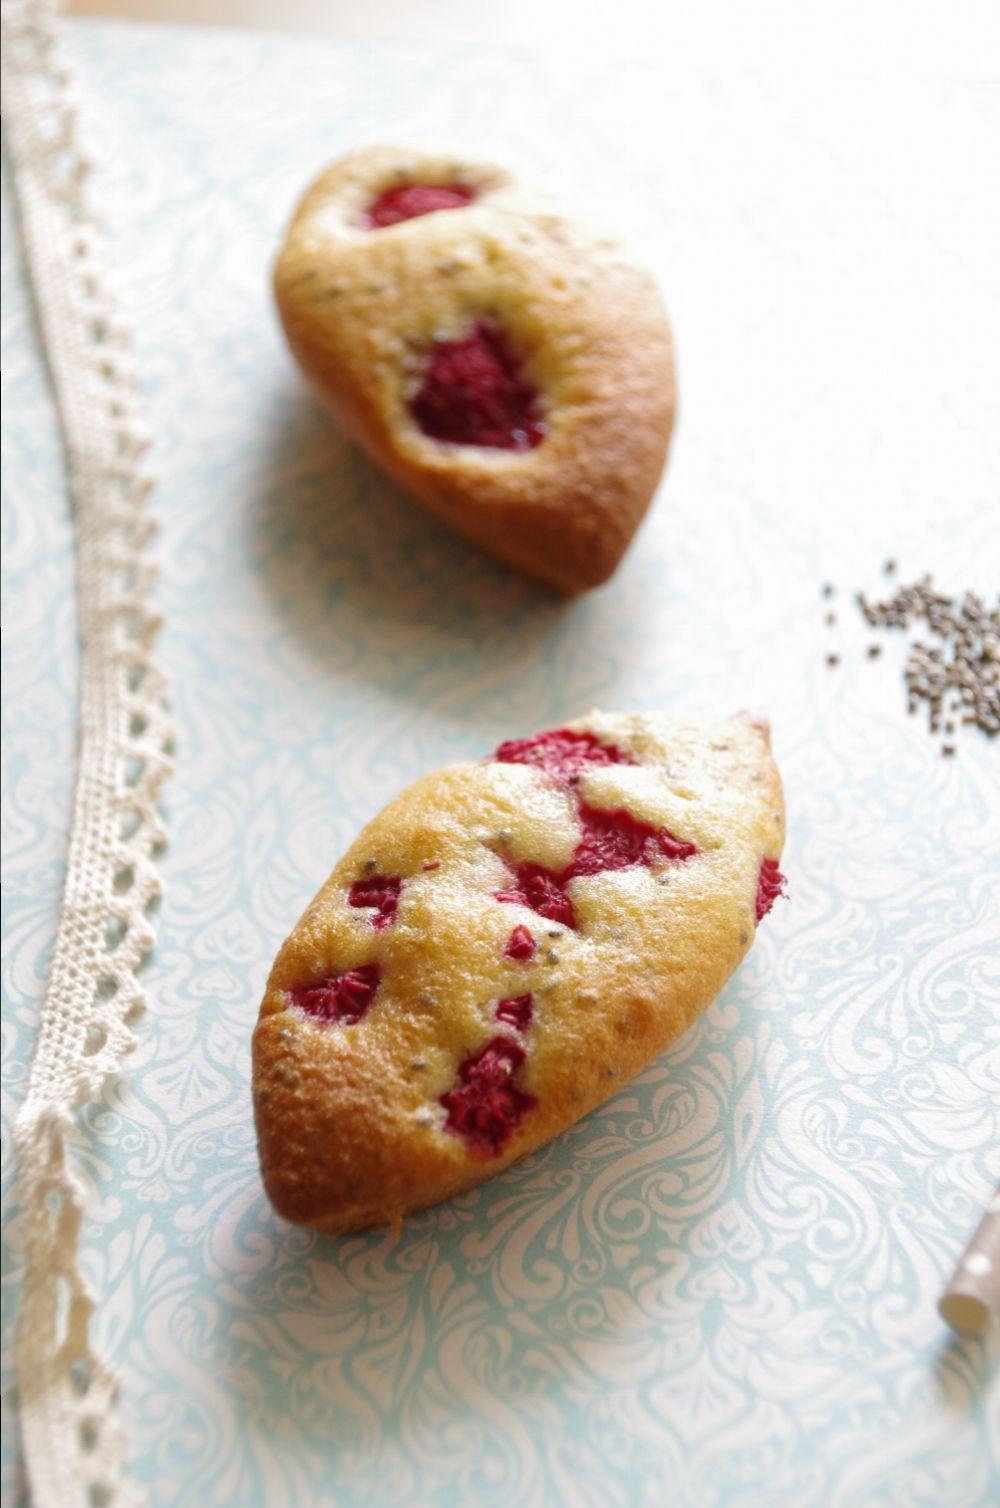 Petits gâteaux aux framboises et graines de chia Petits